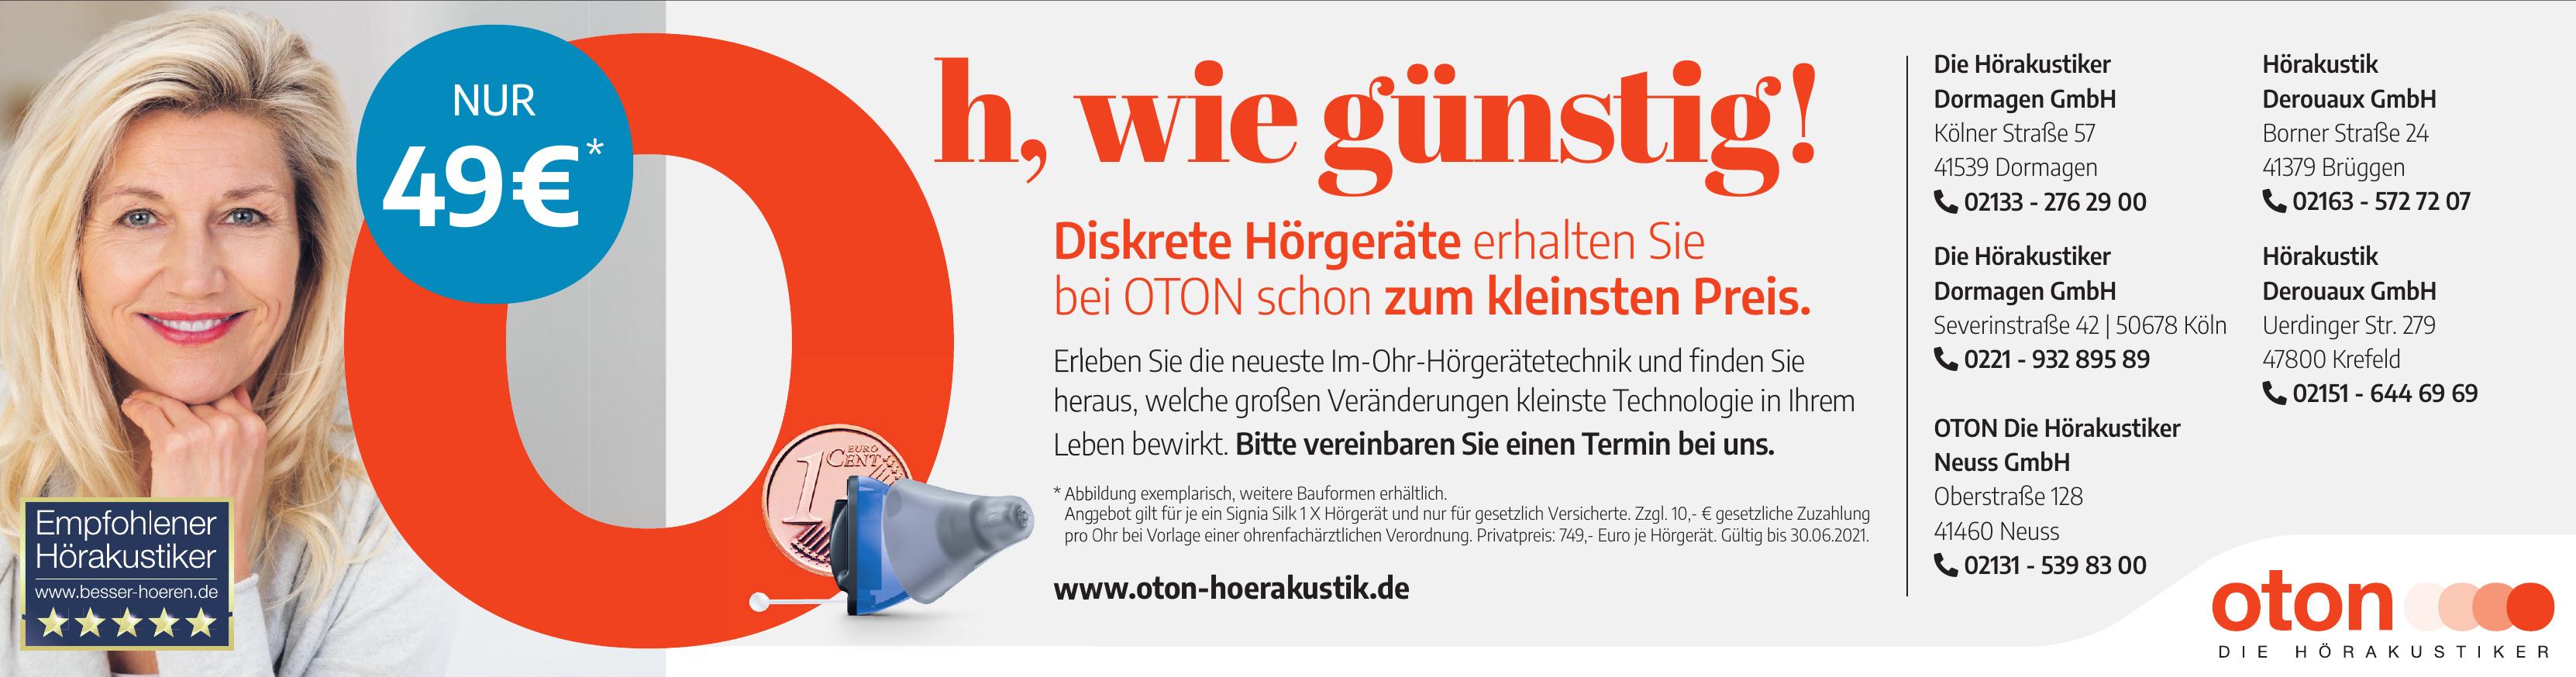 OTON Die Hörakustiker